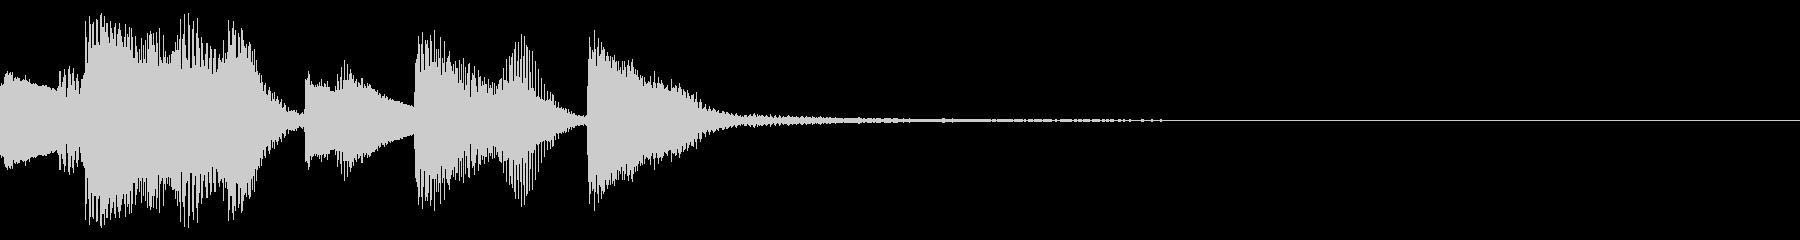 ラグタイム風のピアノの速いフレーズの未再生の波形